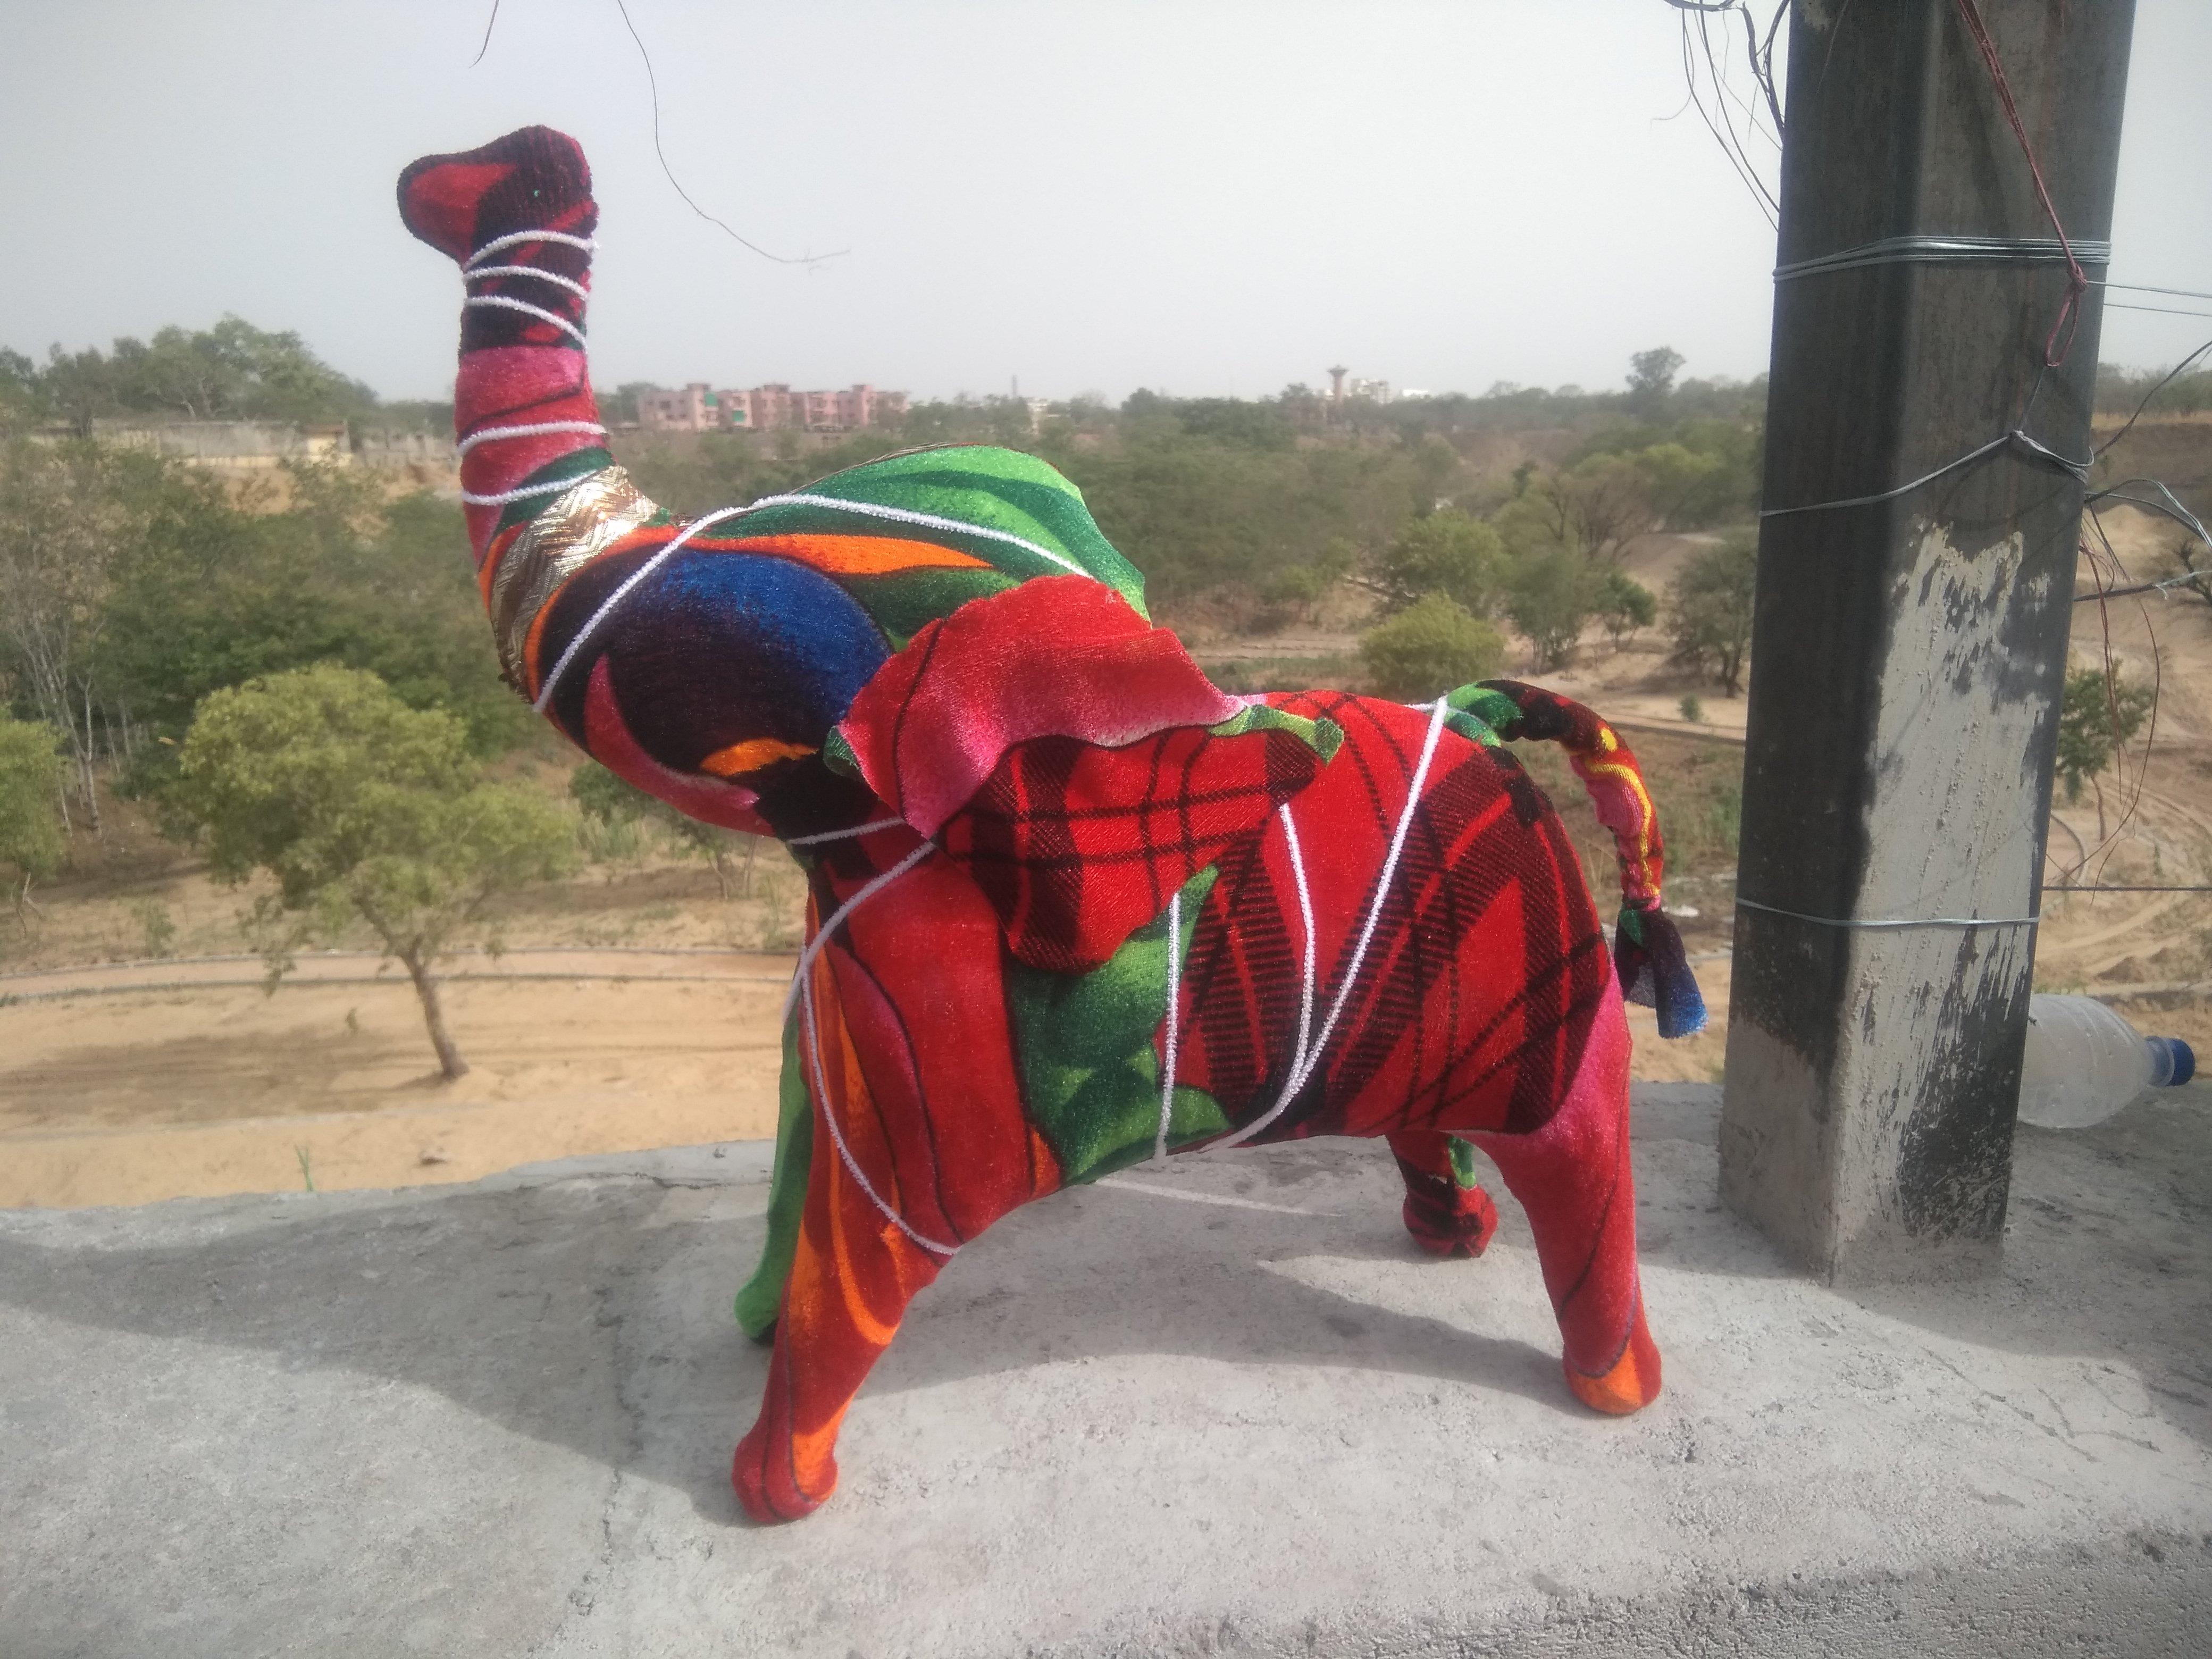 Handmade Artificial Decorative Elephant